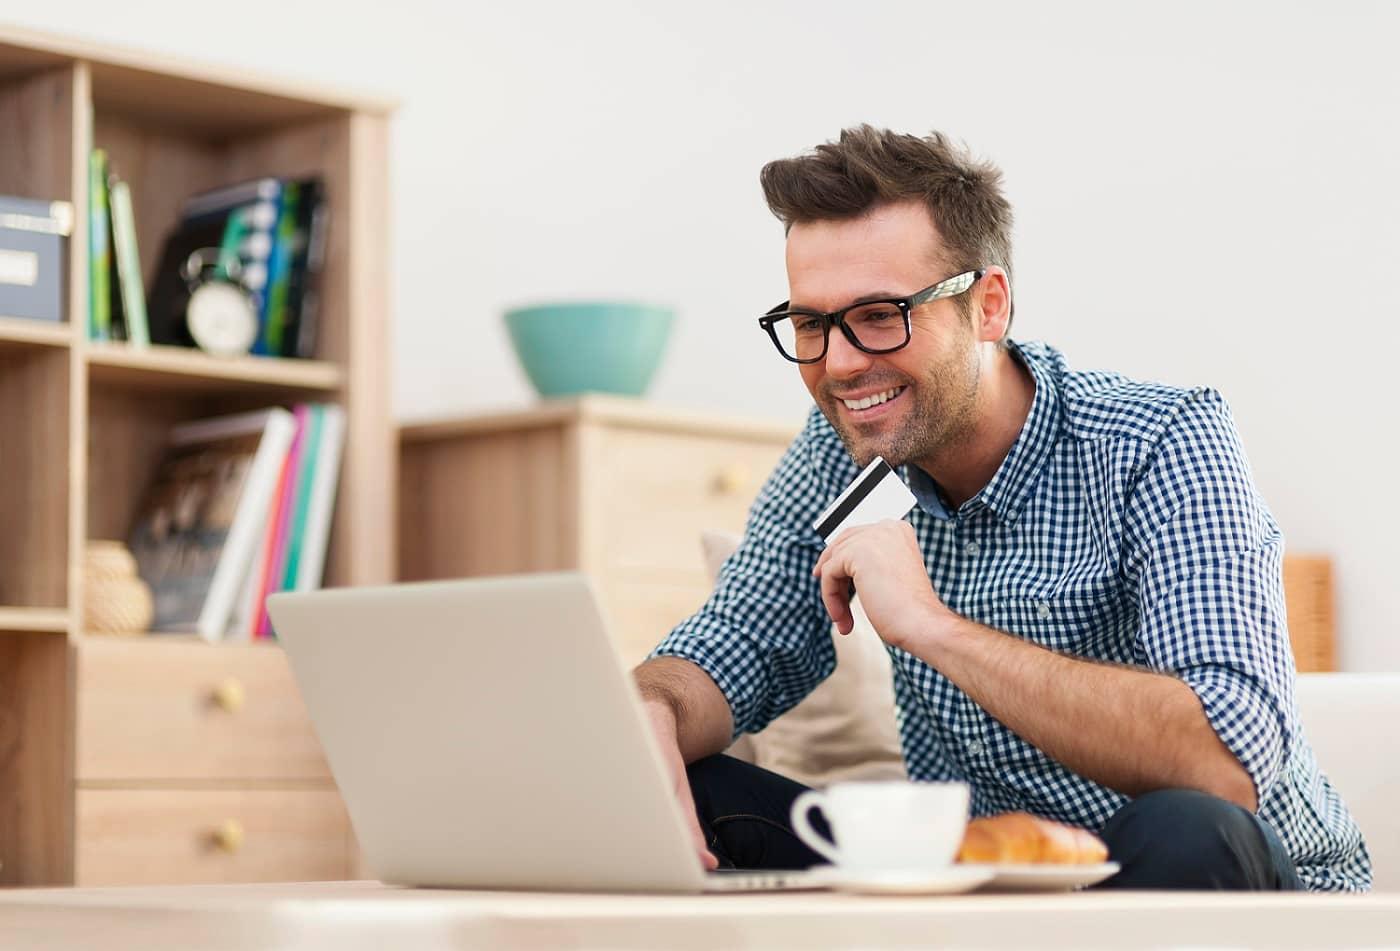 Hombre comprando en internet con tarjeta monedero